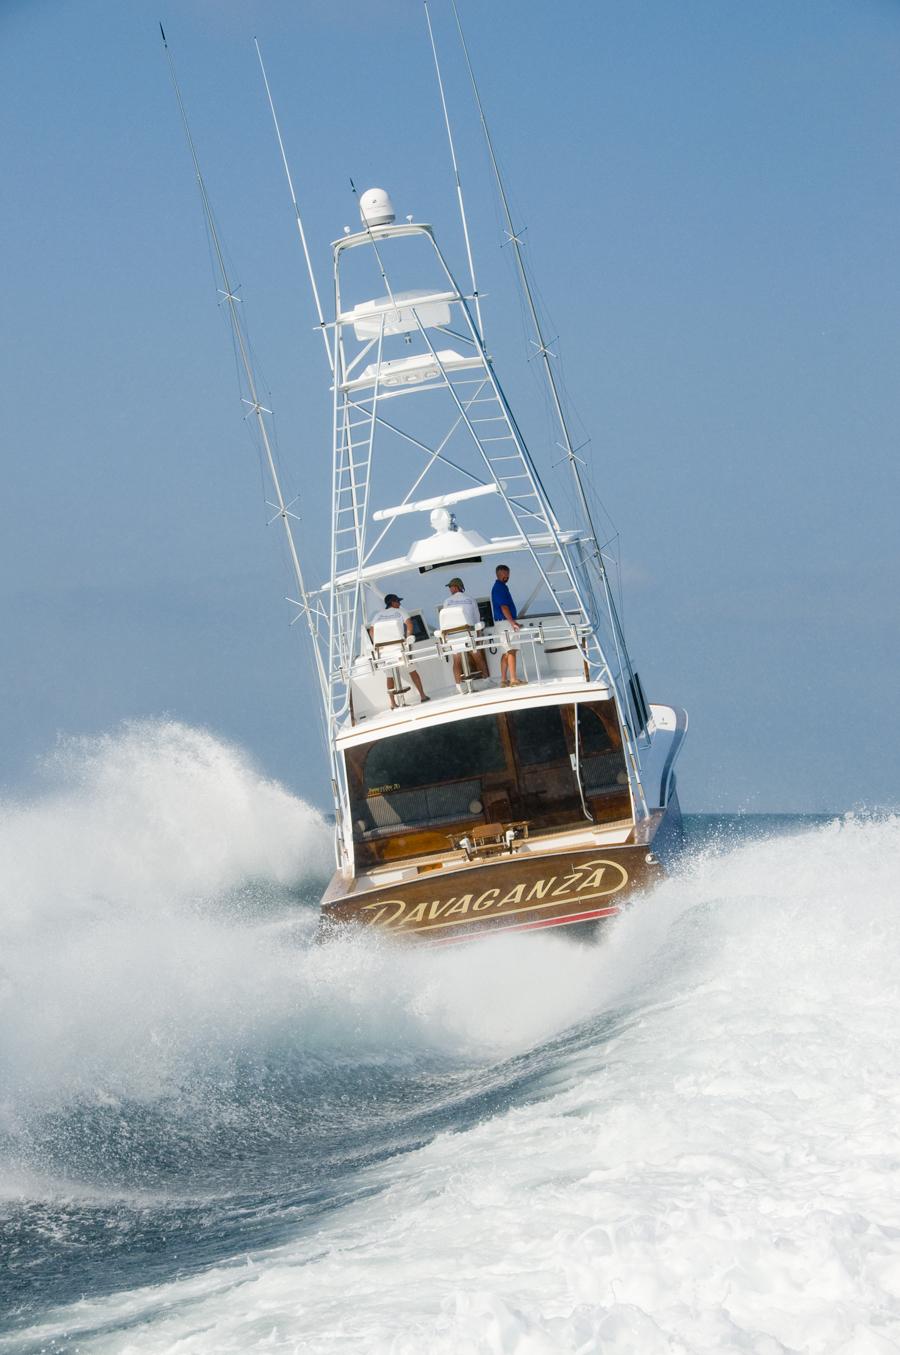 yacht ravaganza  a jarrett bay 70 yacht